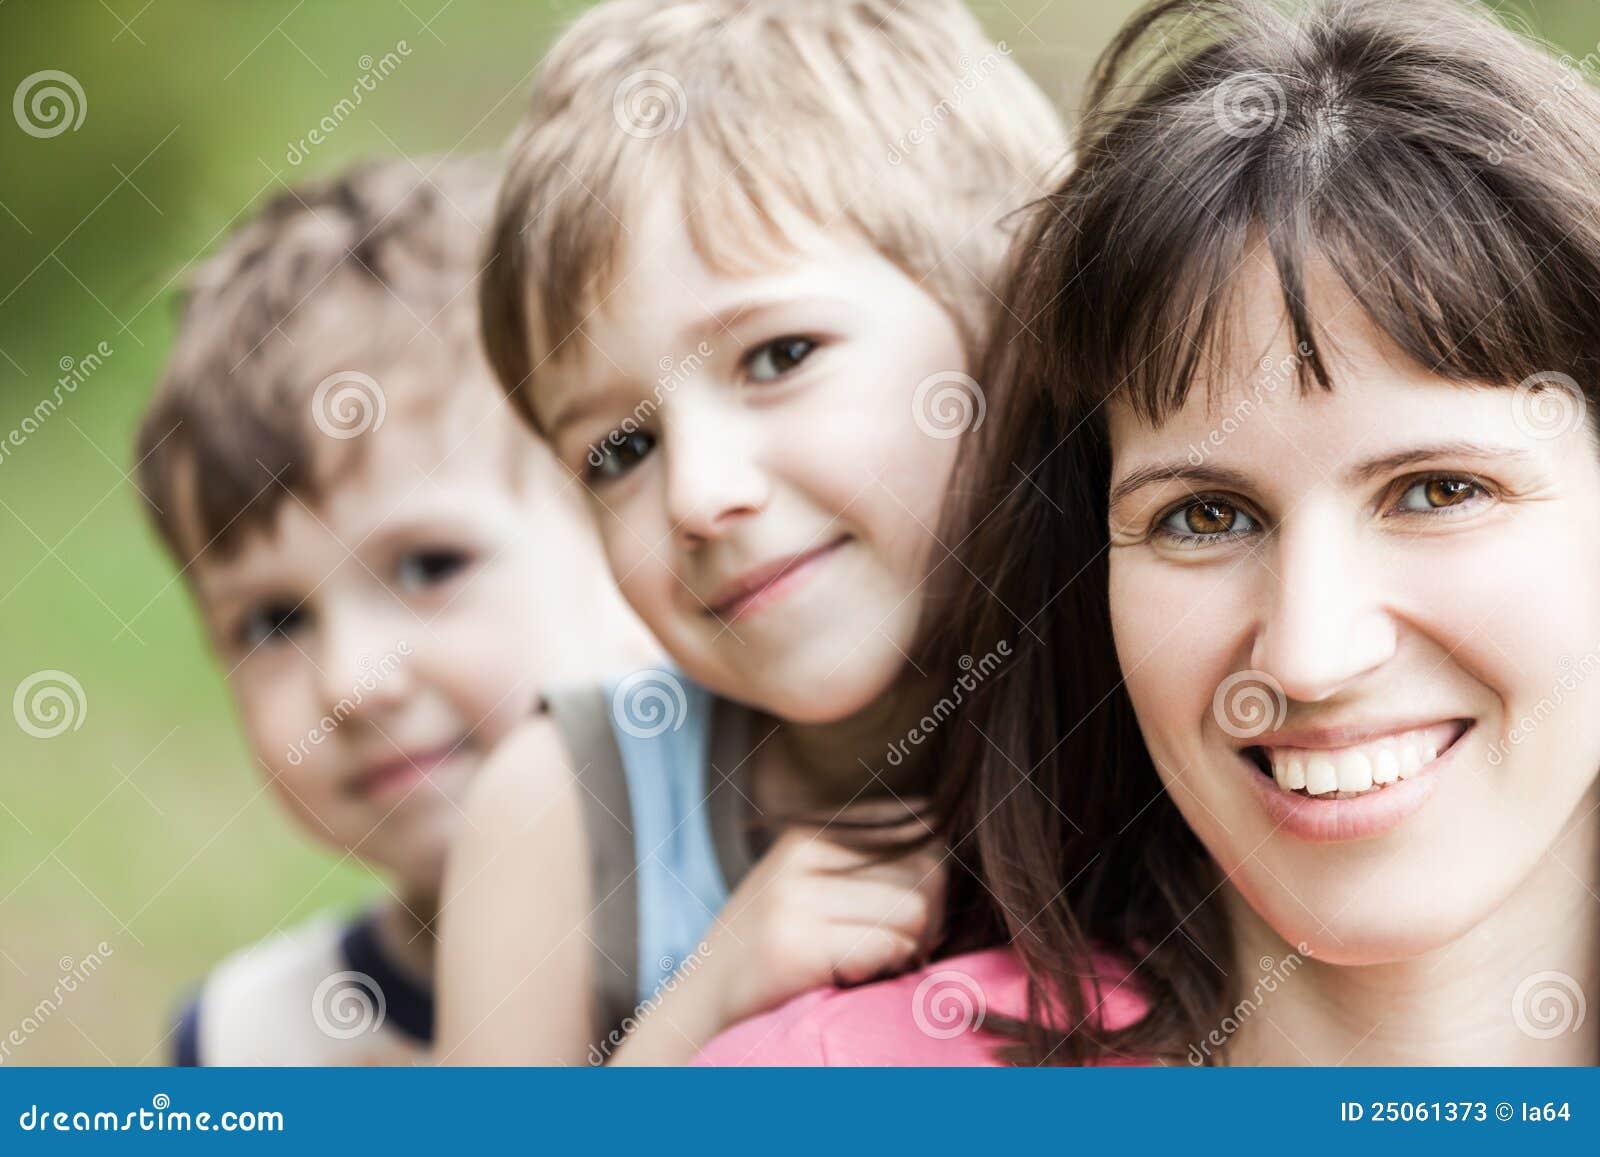 Зрелые с молодыми, межвозрастной секс, инцест - мать и сын, старые и молодые